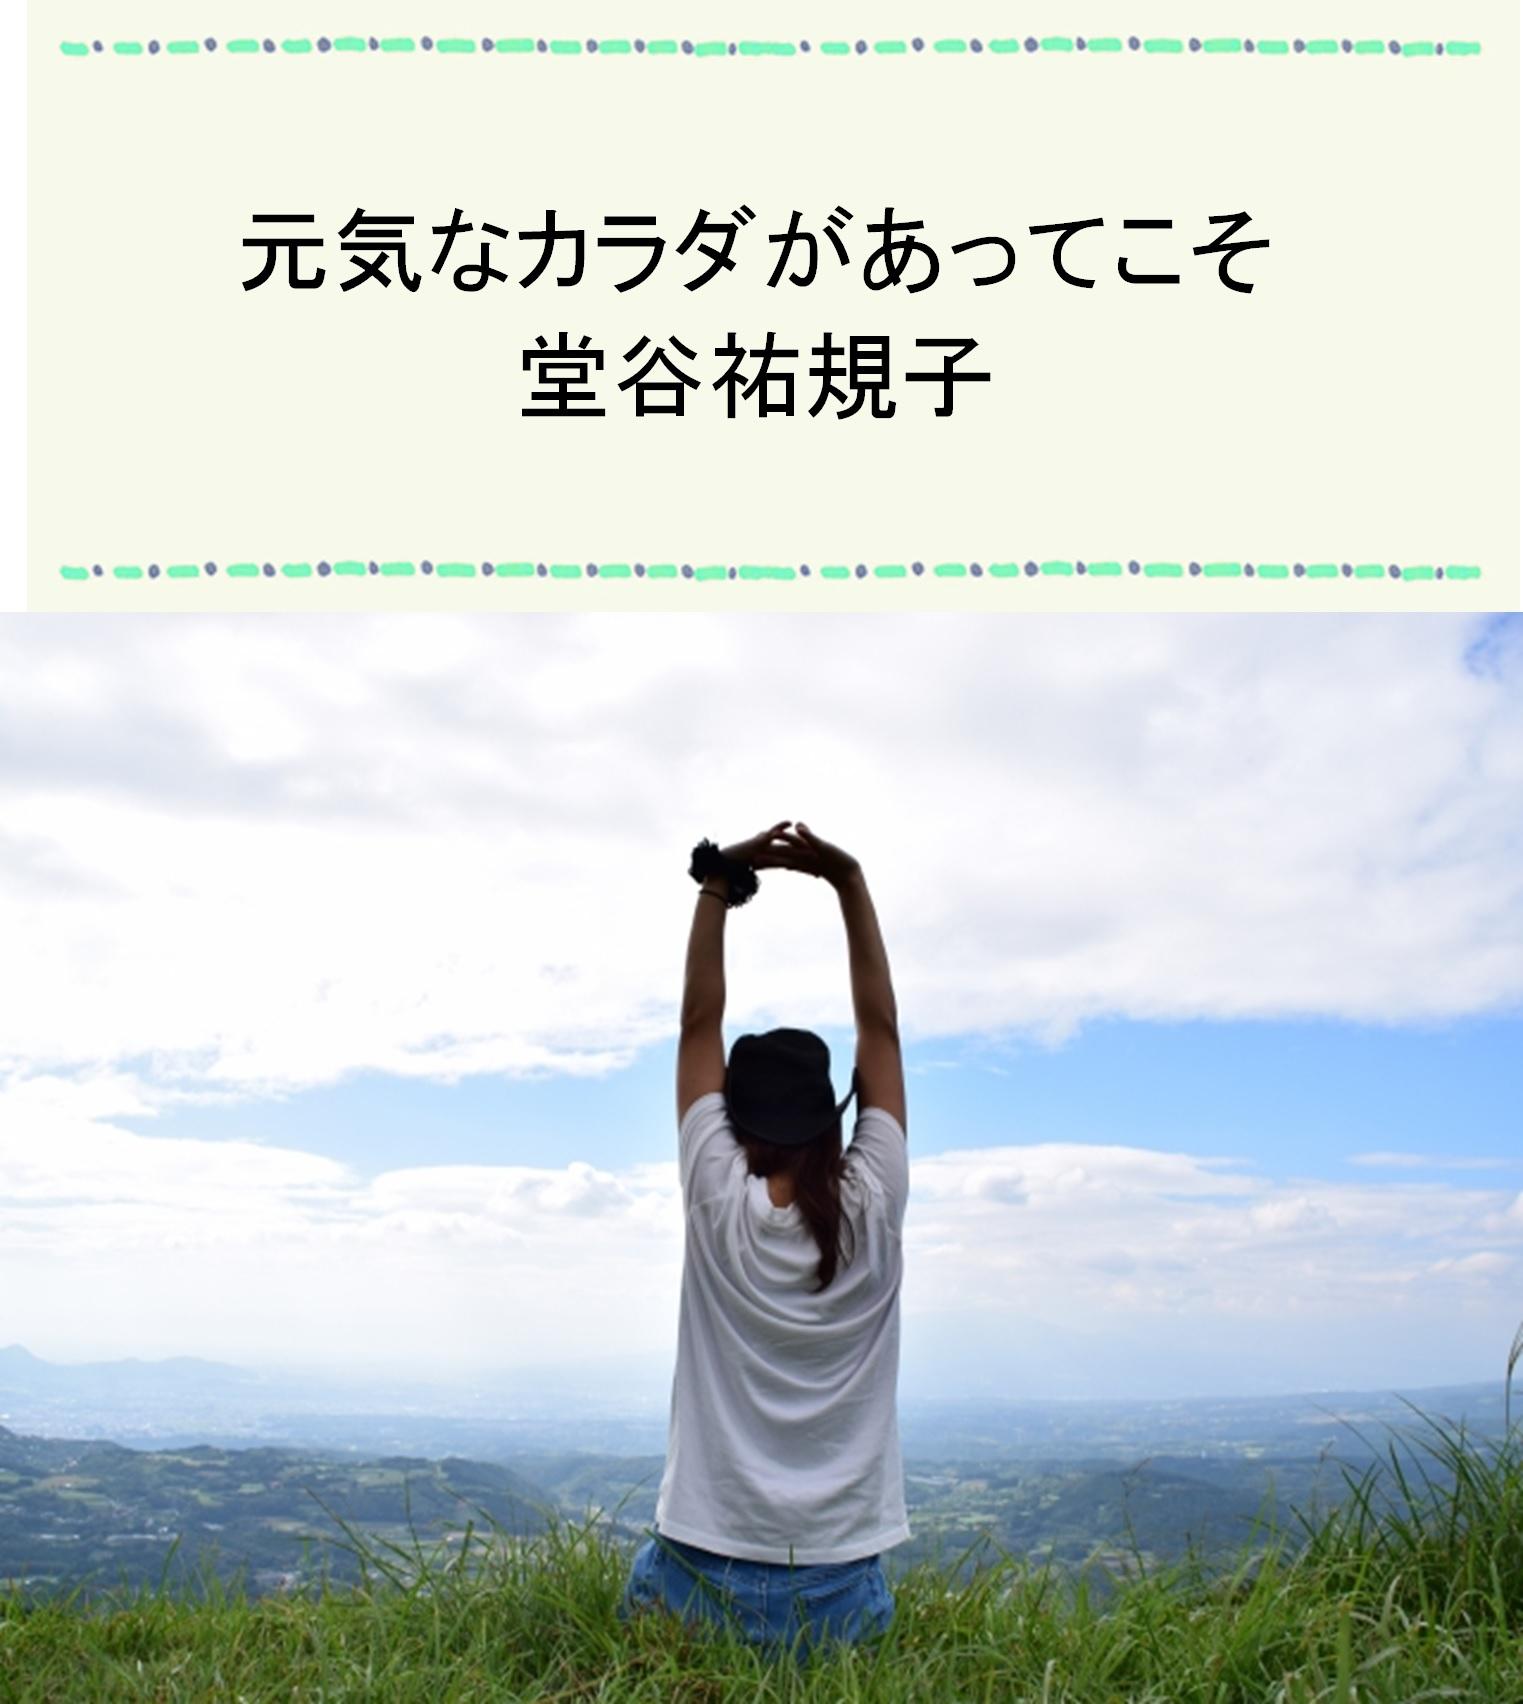 キャリアカウンセラー堂谷祐規子